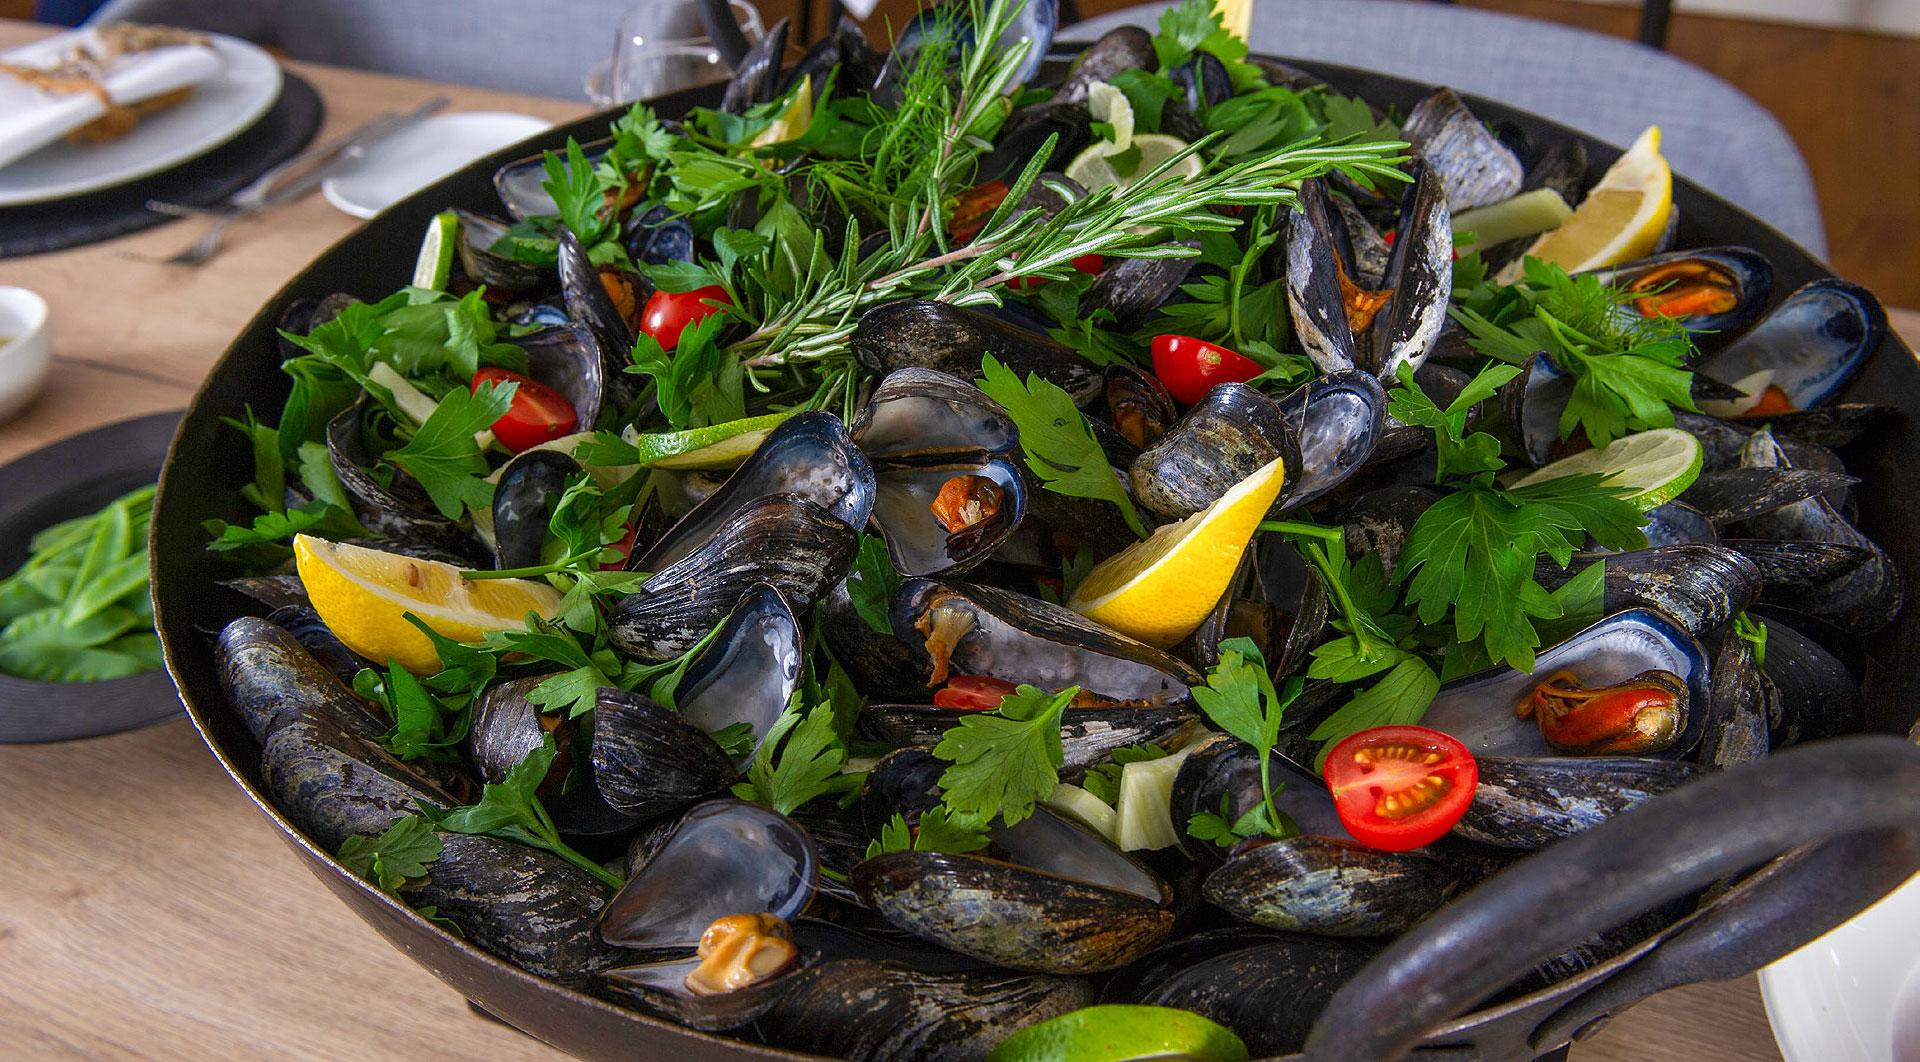 koekken_restaurant_food_benen-diken-hof_2020_02-5